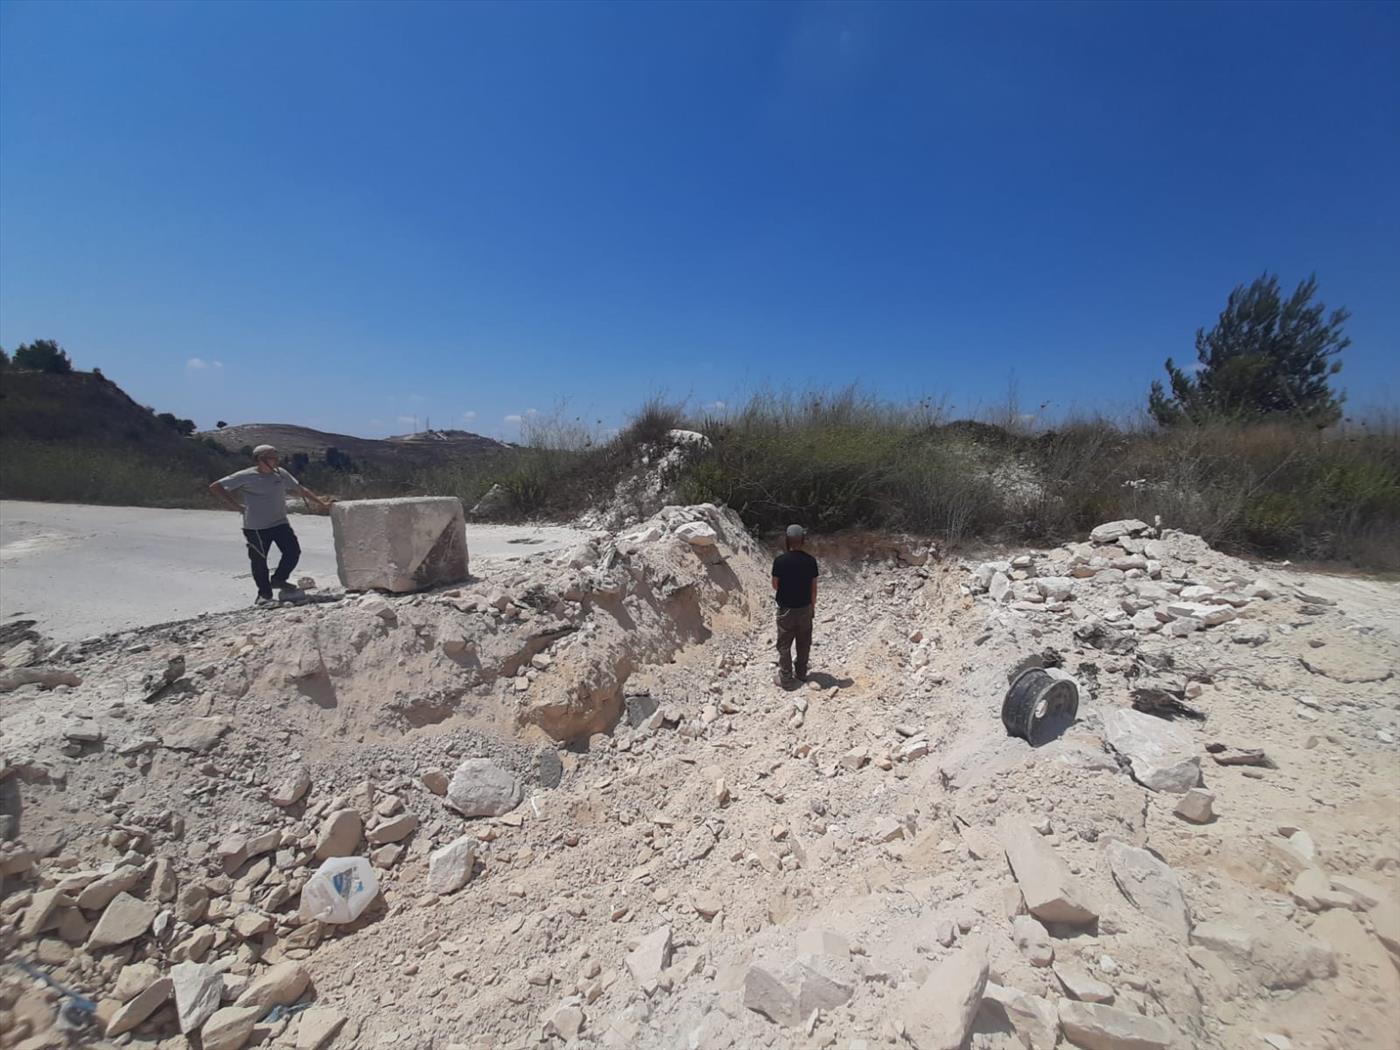 תעלות שחרצו כוחות ההרס בכביש הכניסה ליישוב חומש